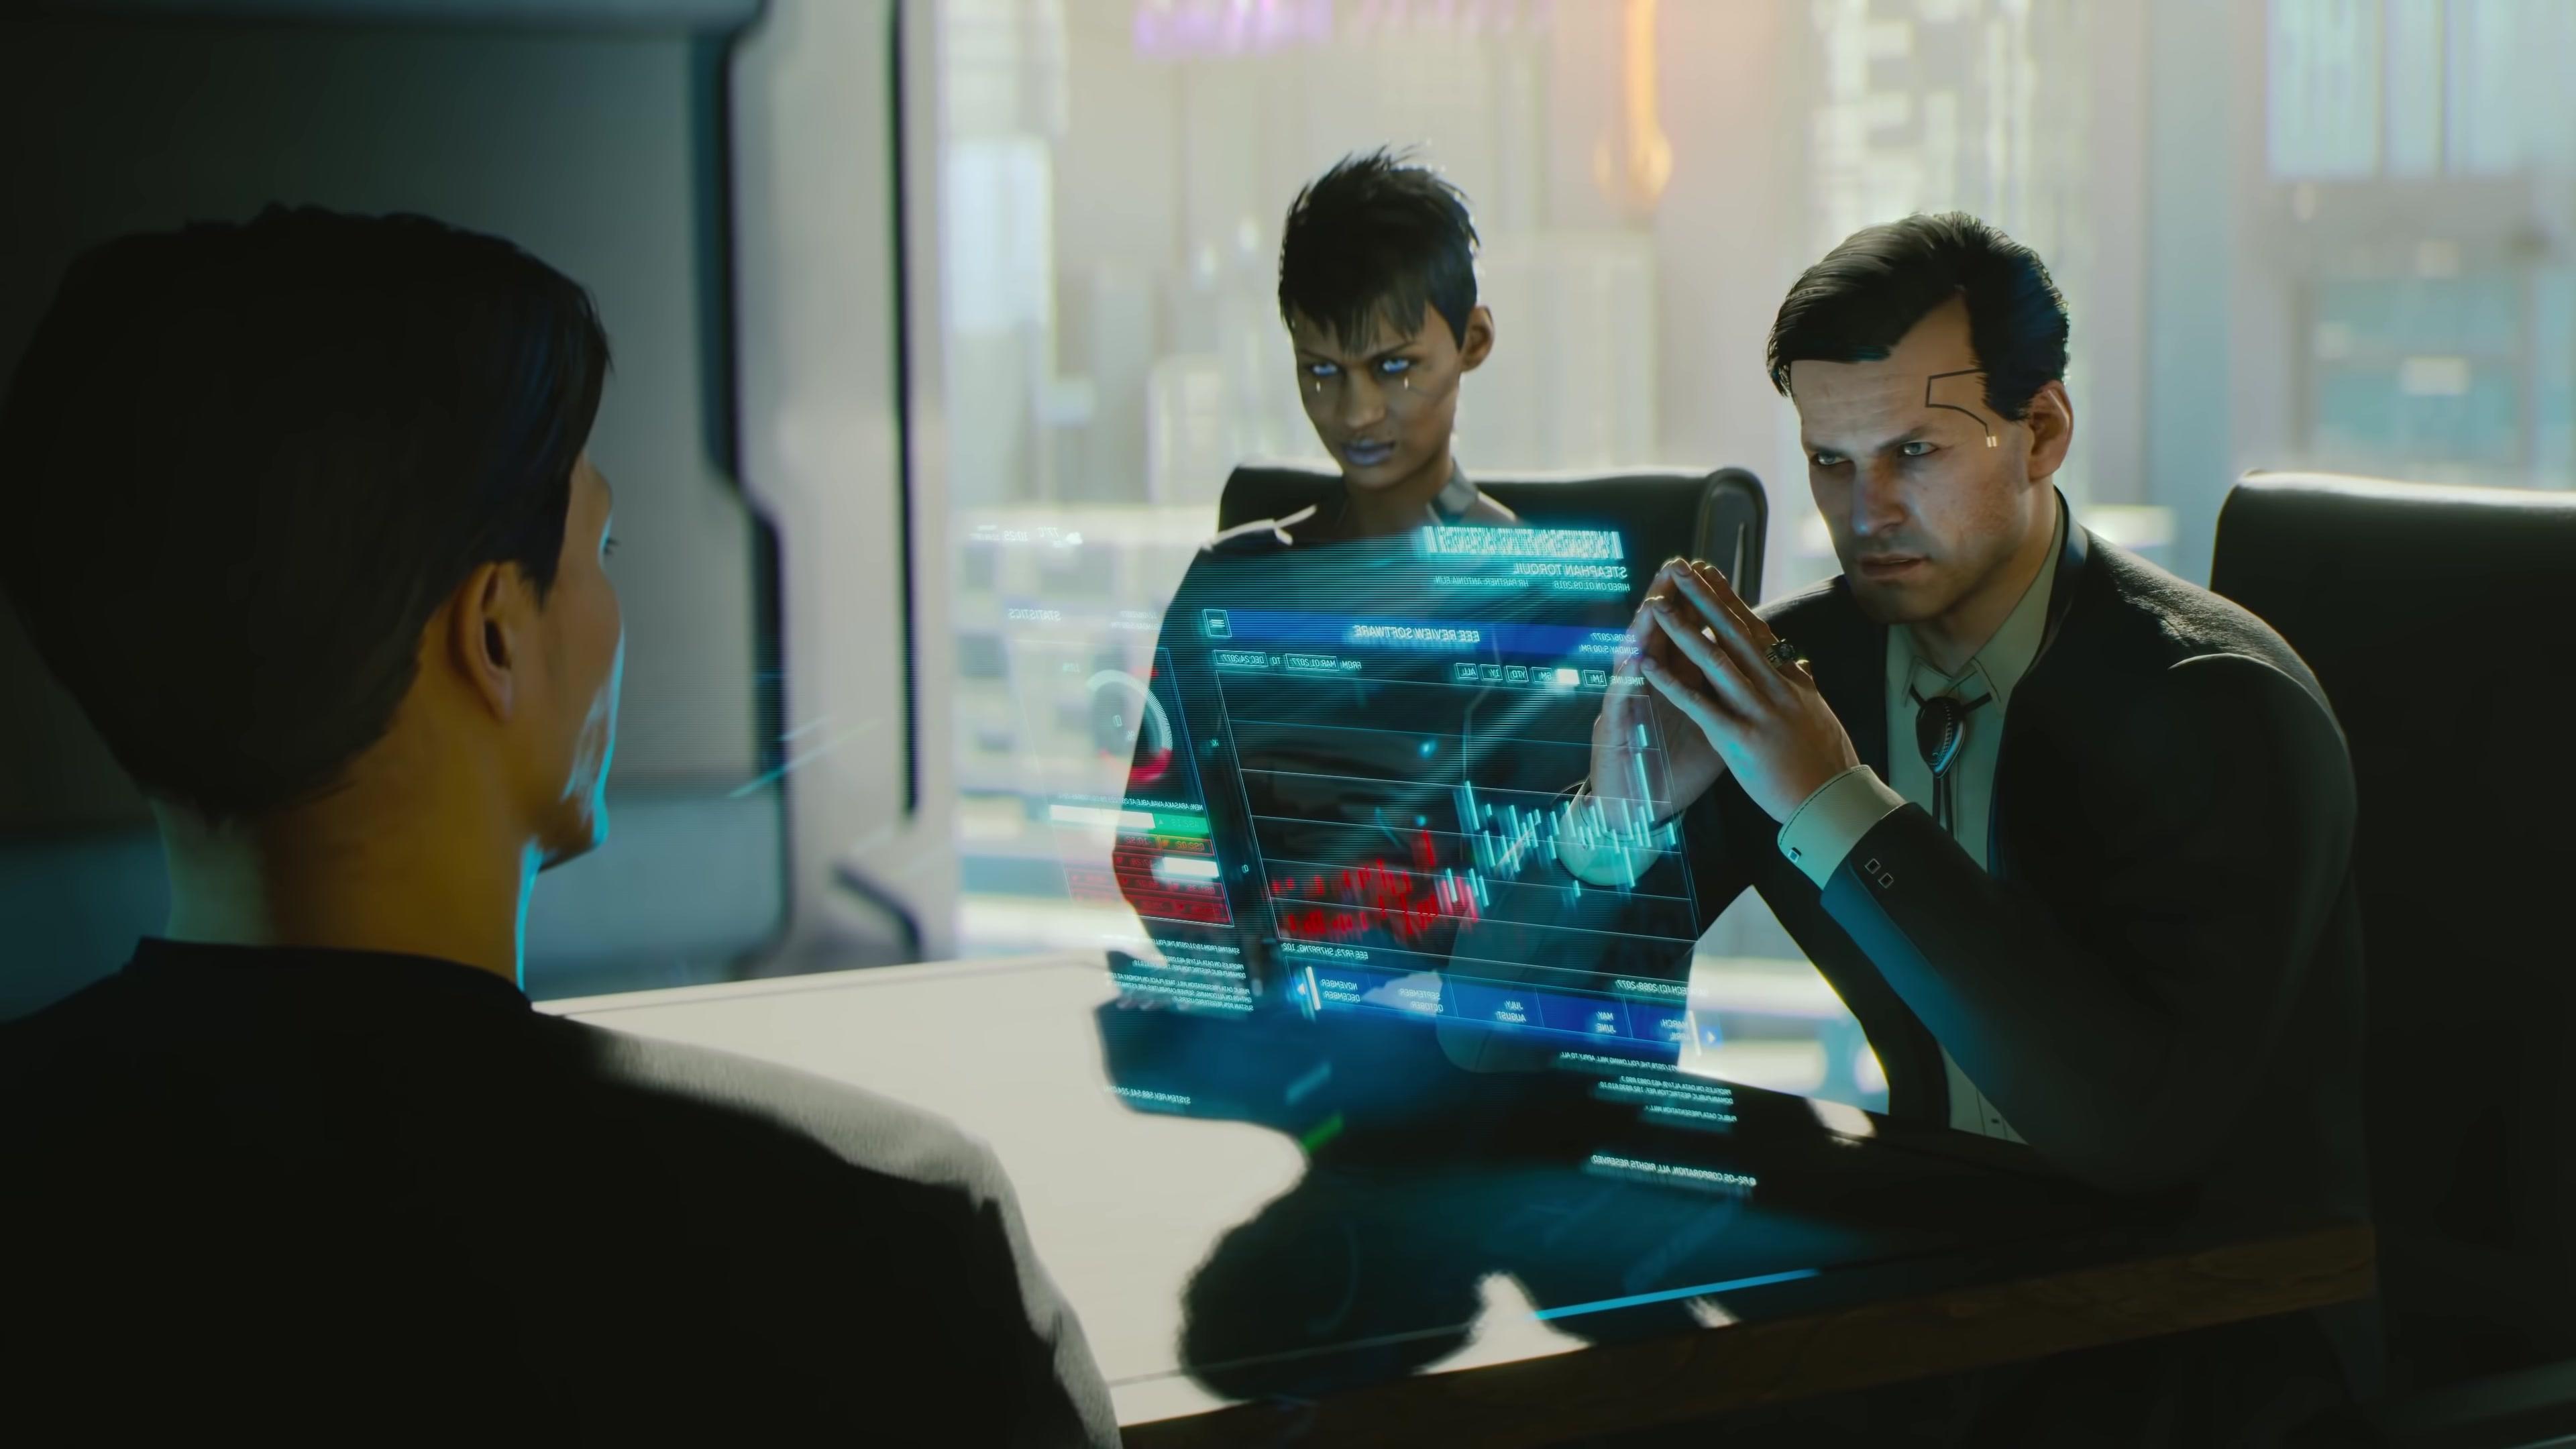 Cyberpunk 2077 034.jpg - Cyberpunk 2077